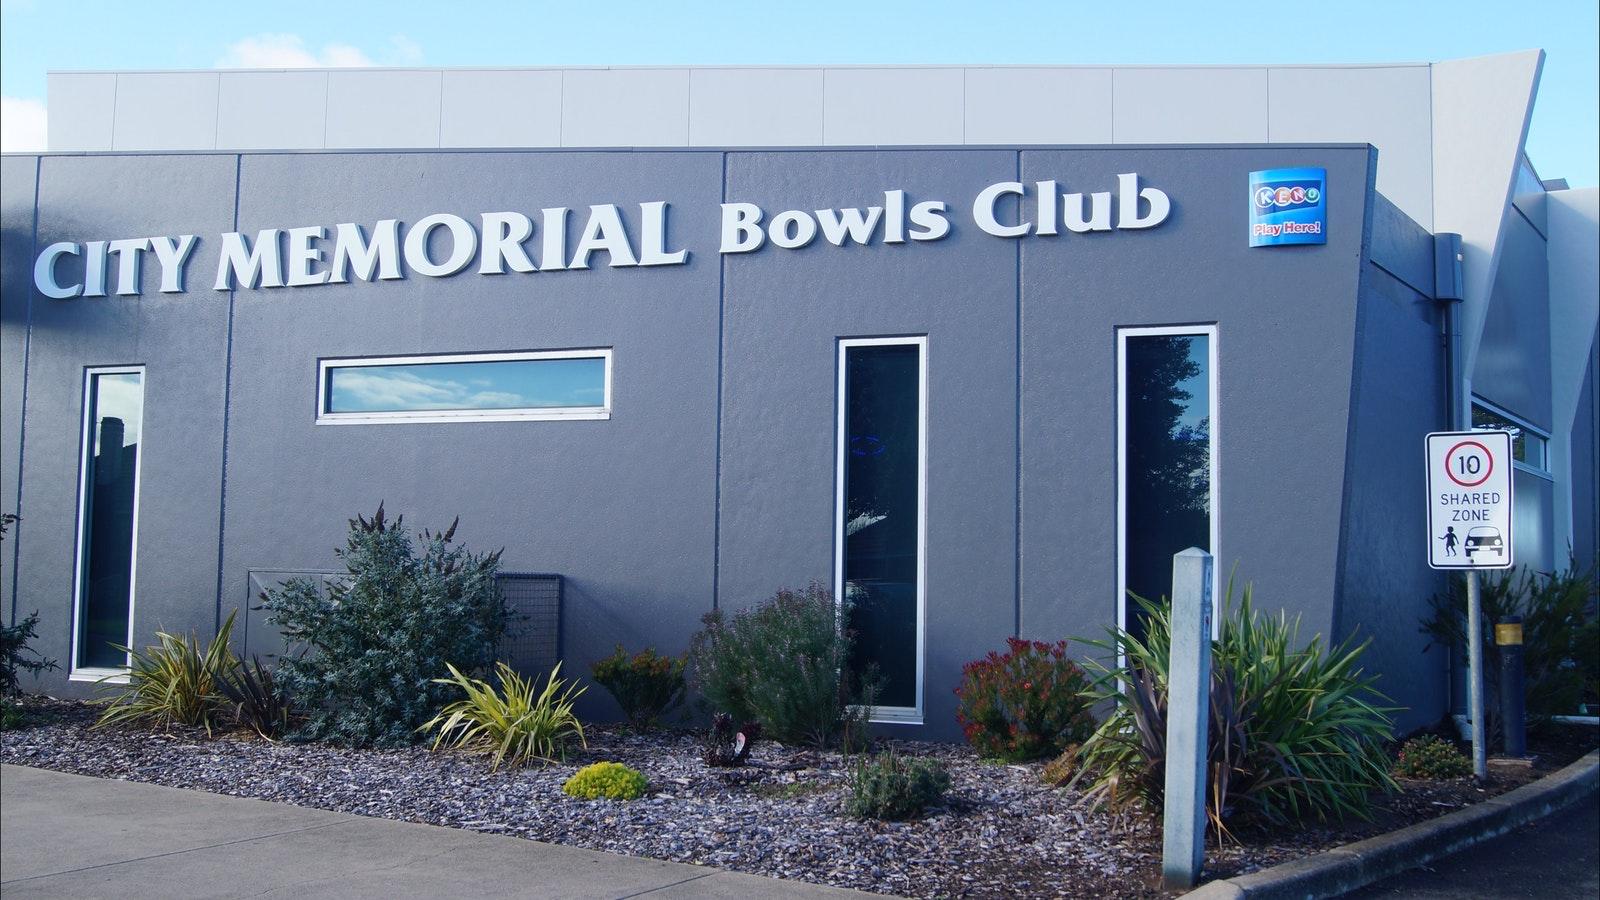 City Memorial Bowls Club